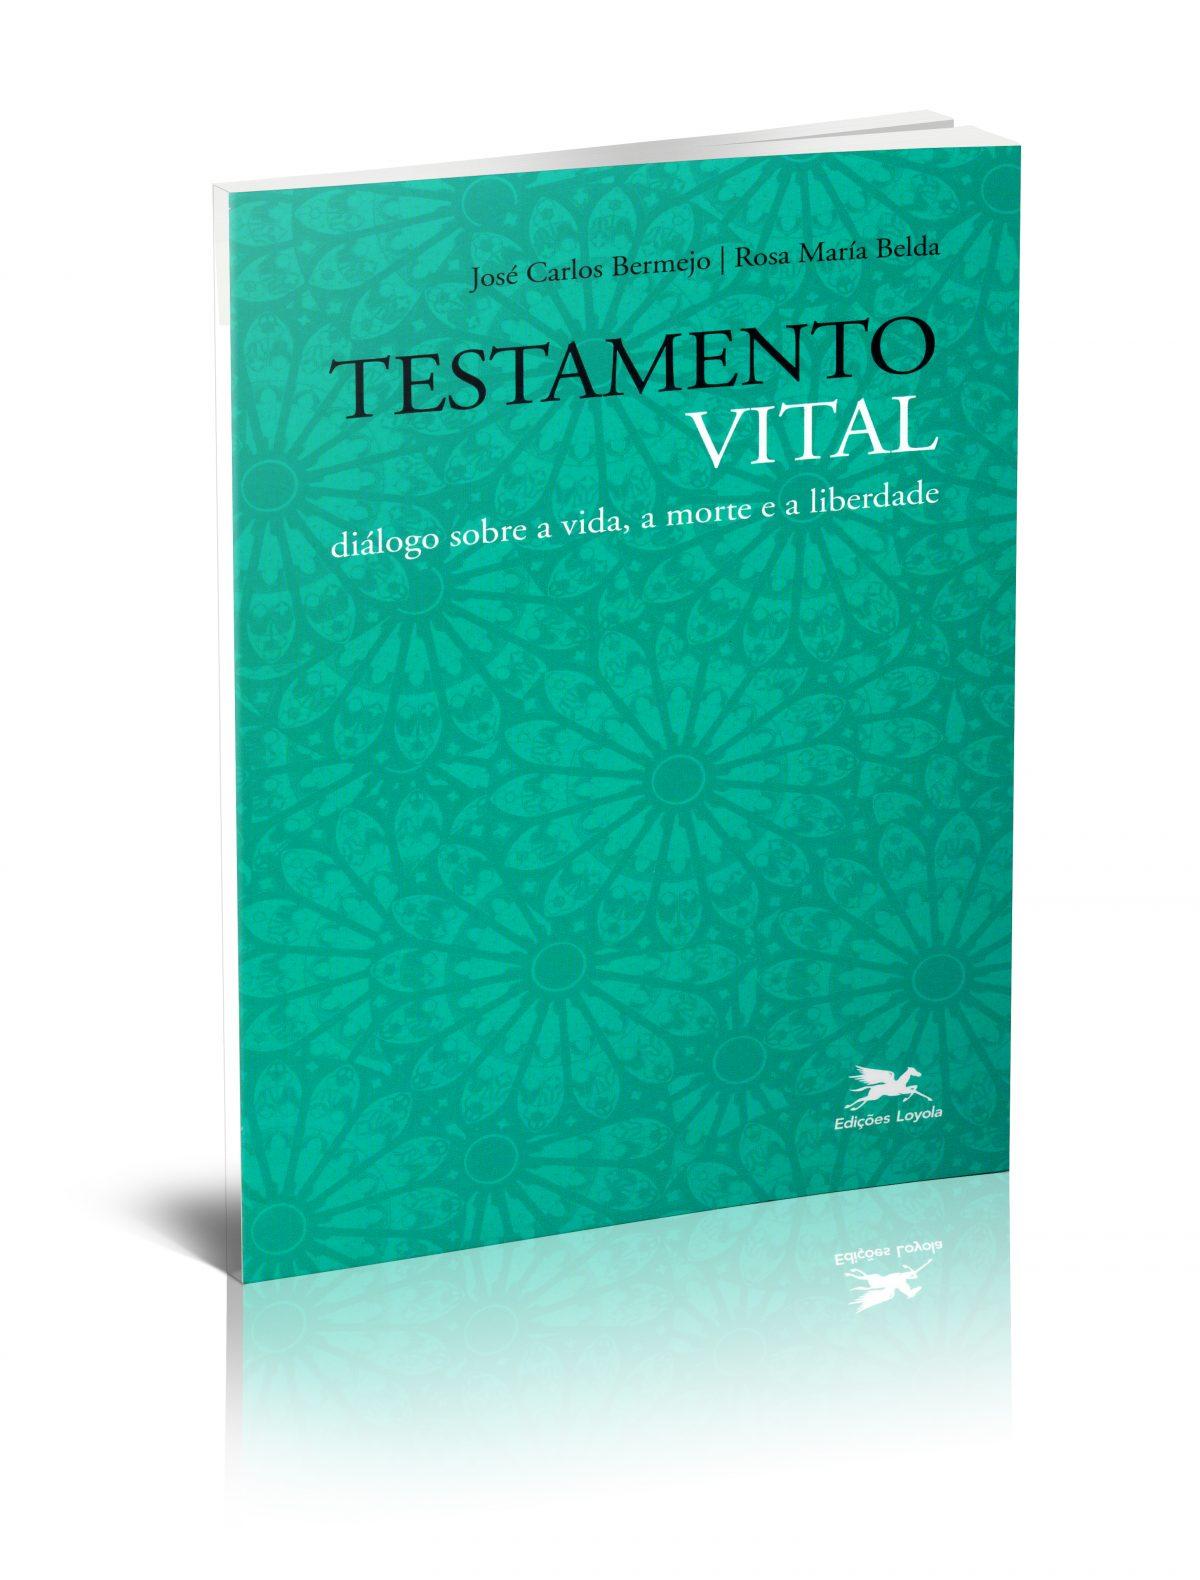 Testamento Vital. Diálogo sobre a vida, a morte e a liberdade (Edición en Portugués)